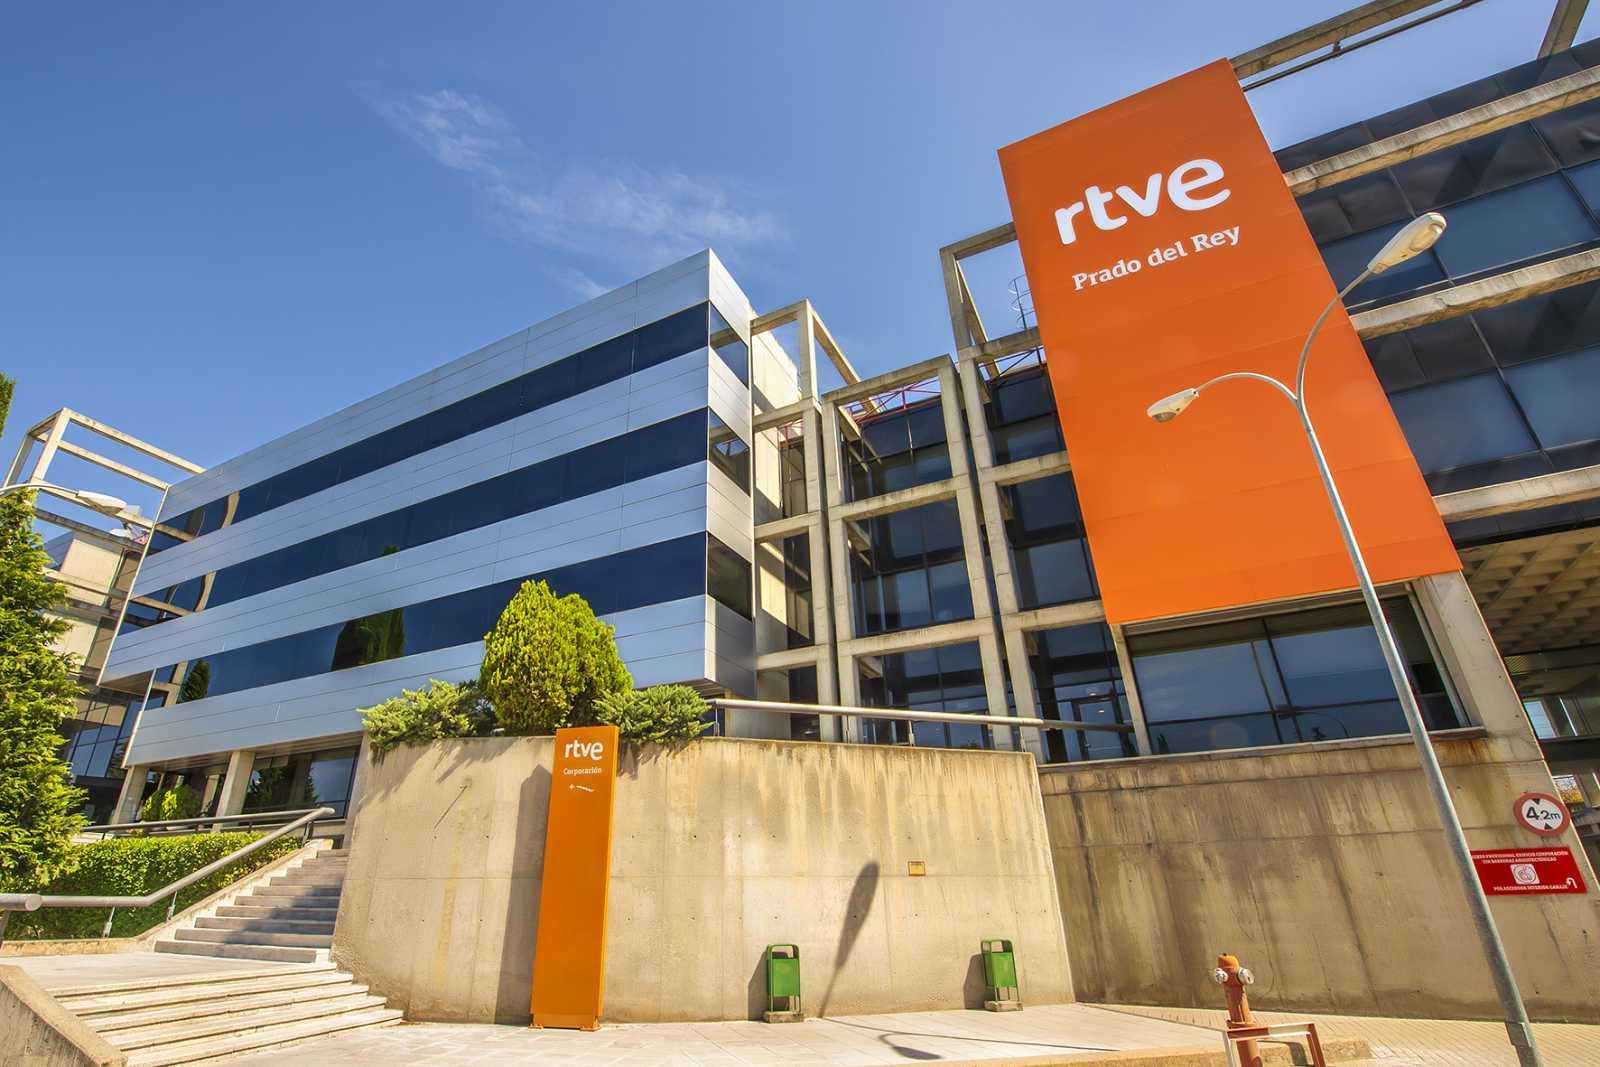 La sede de RTVE de Prado del Rey, en Madrid | RTVE/Archivo